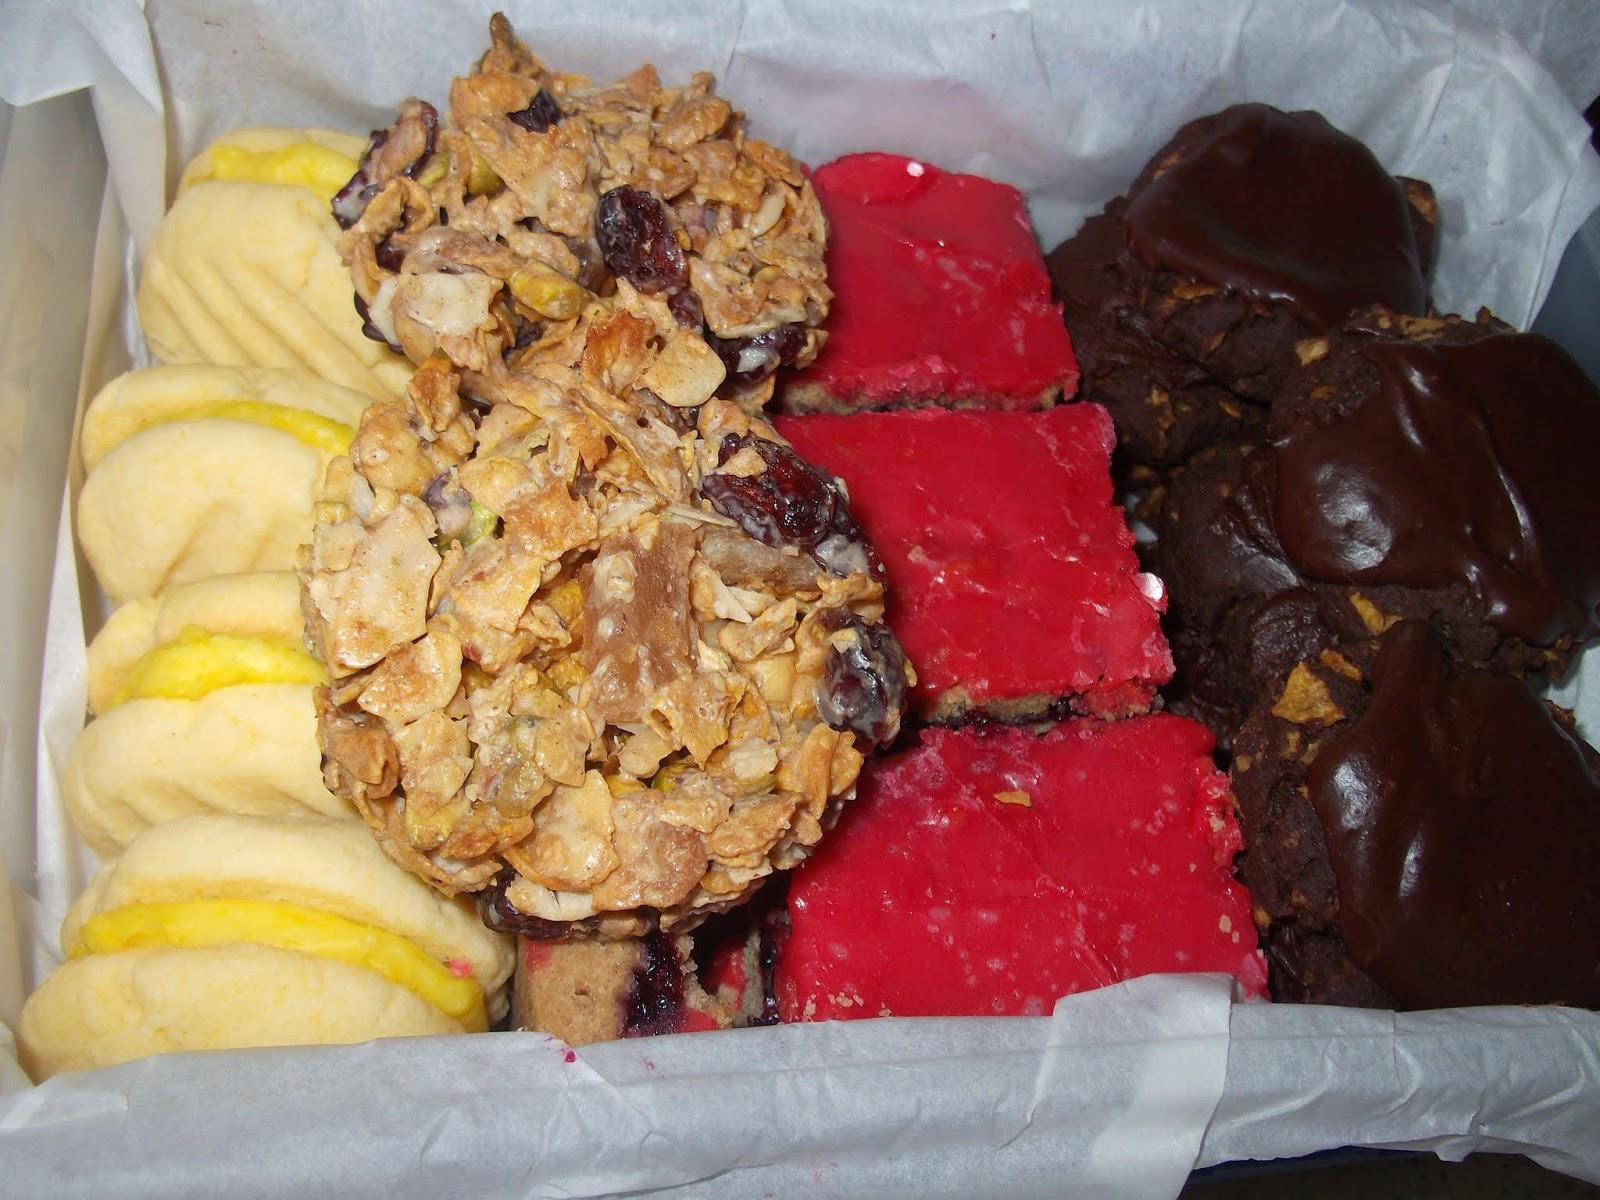 Florentine, Belgium biscuit